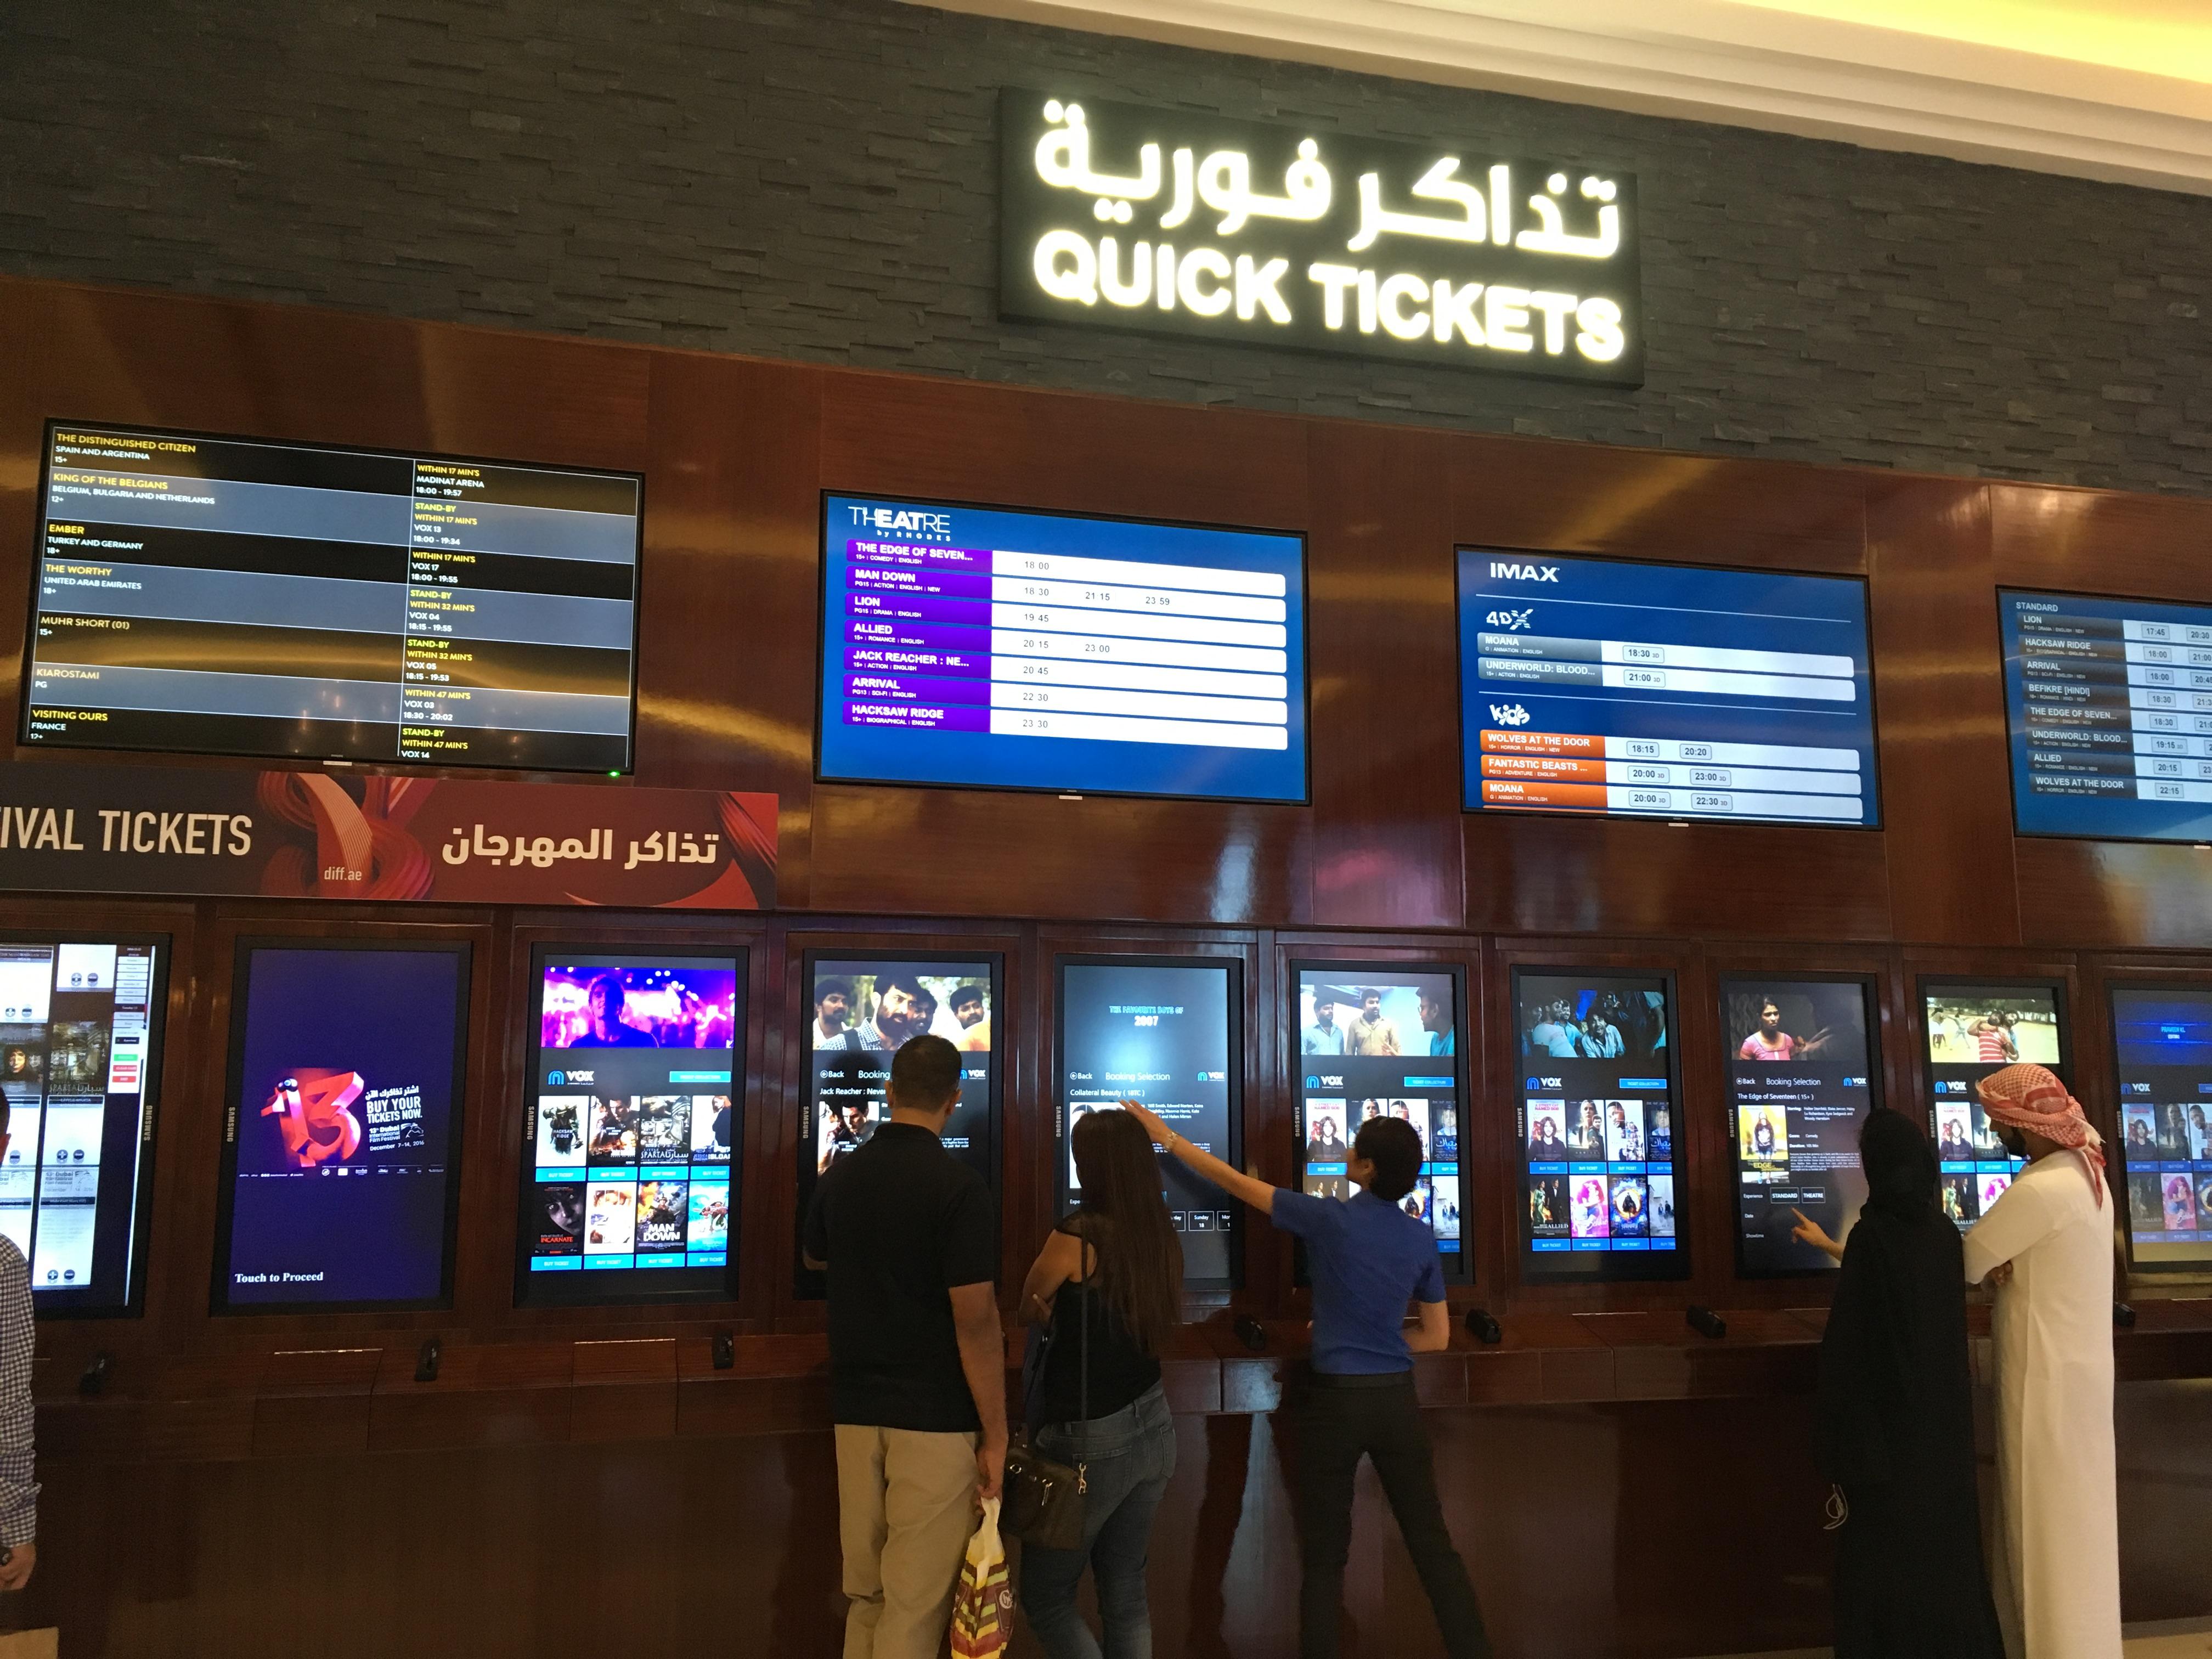 ドバイの映画館のVIP席の特徴とお値段。日本のアニメが大人気